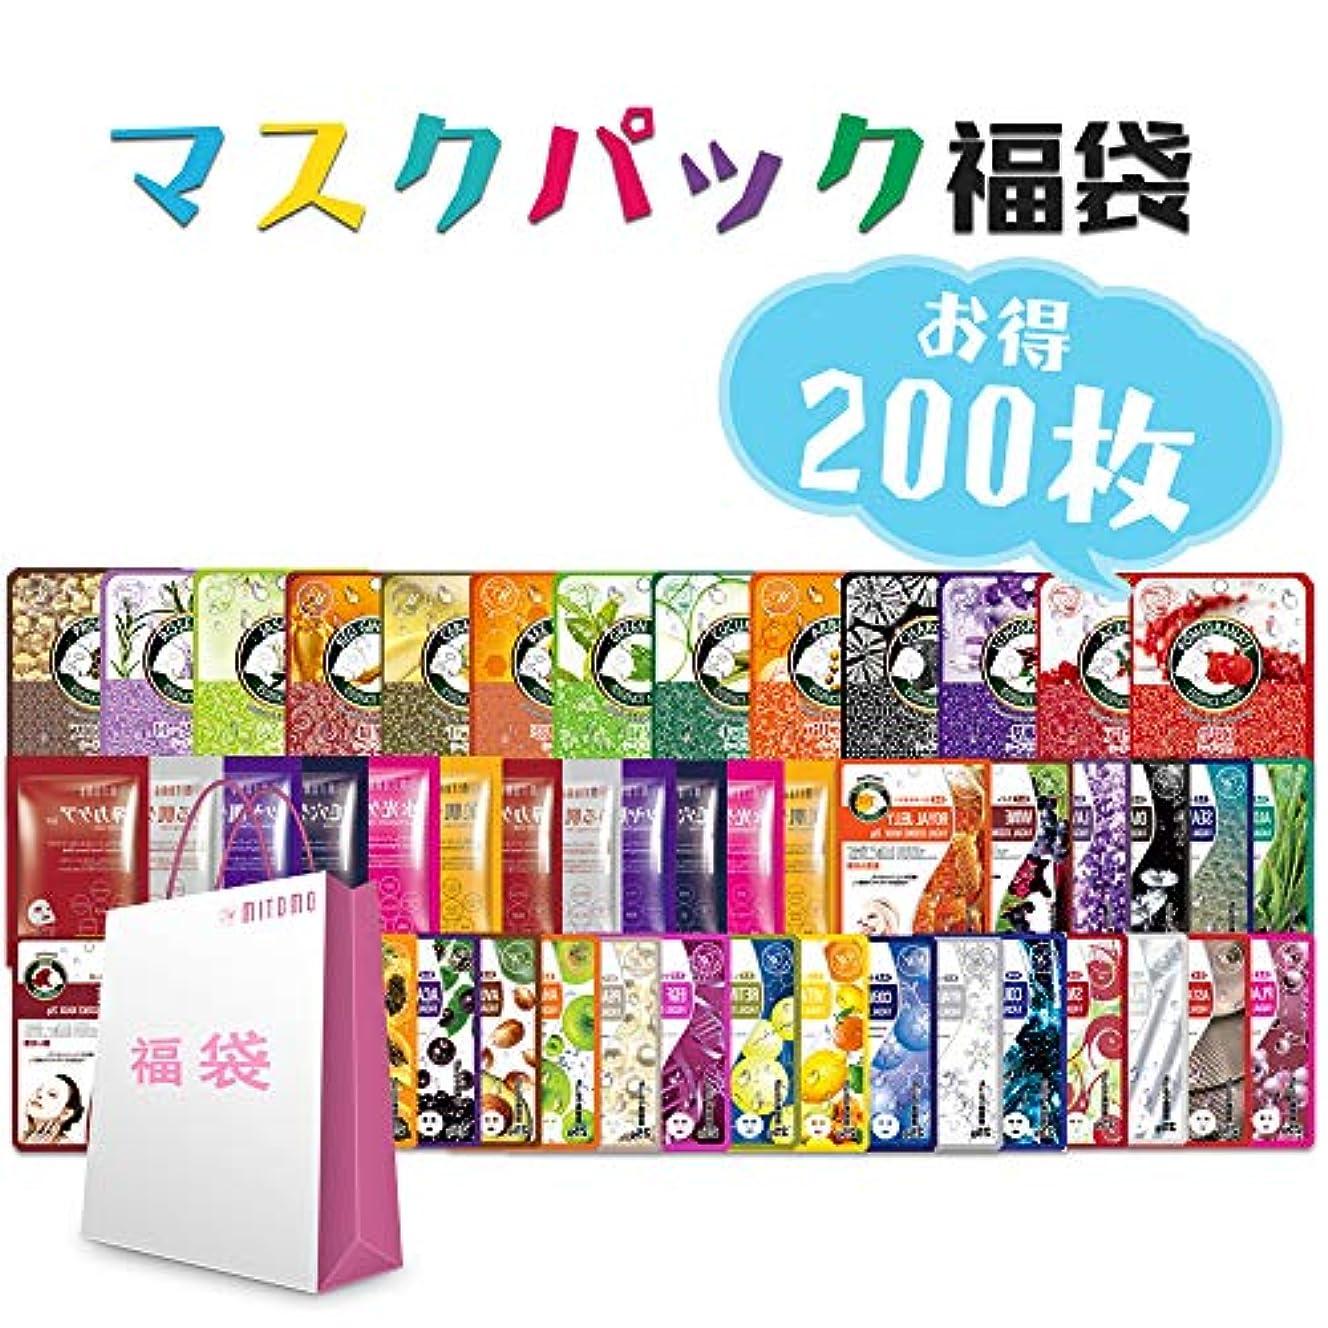 寮拒否参照【LBJL000200】シートマスク/200枚/美容液/マスクパック/送料無料